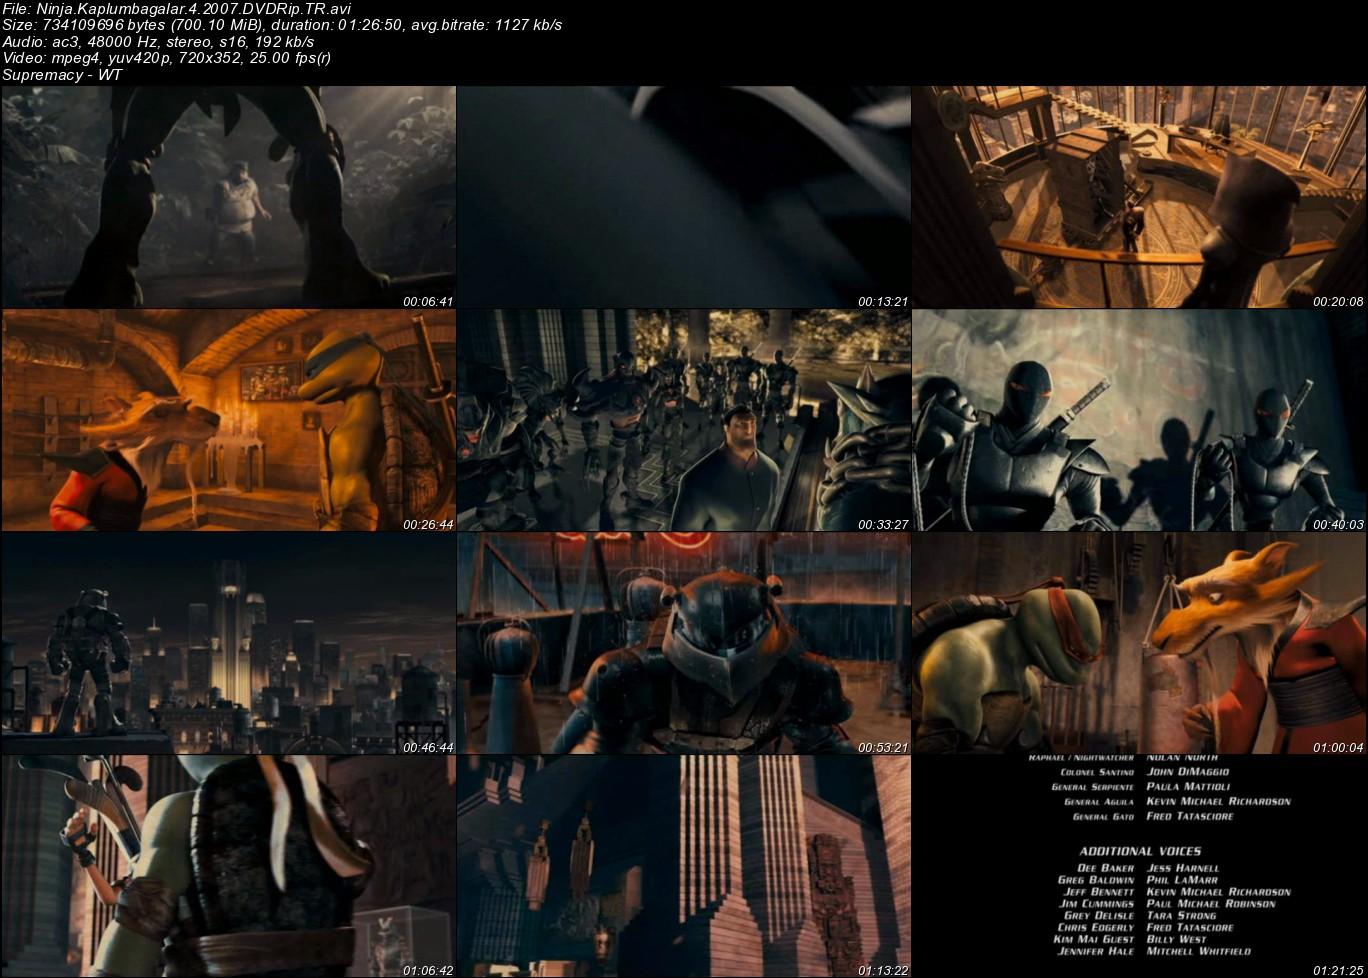 Ninja Kaplumbağalar - 2007 Türkçe Dublaj DVDRip Tek Link